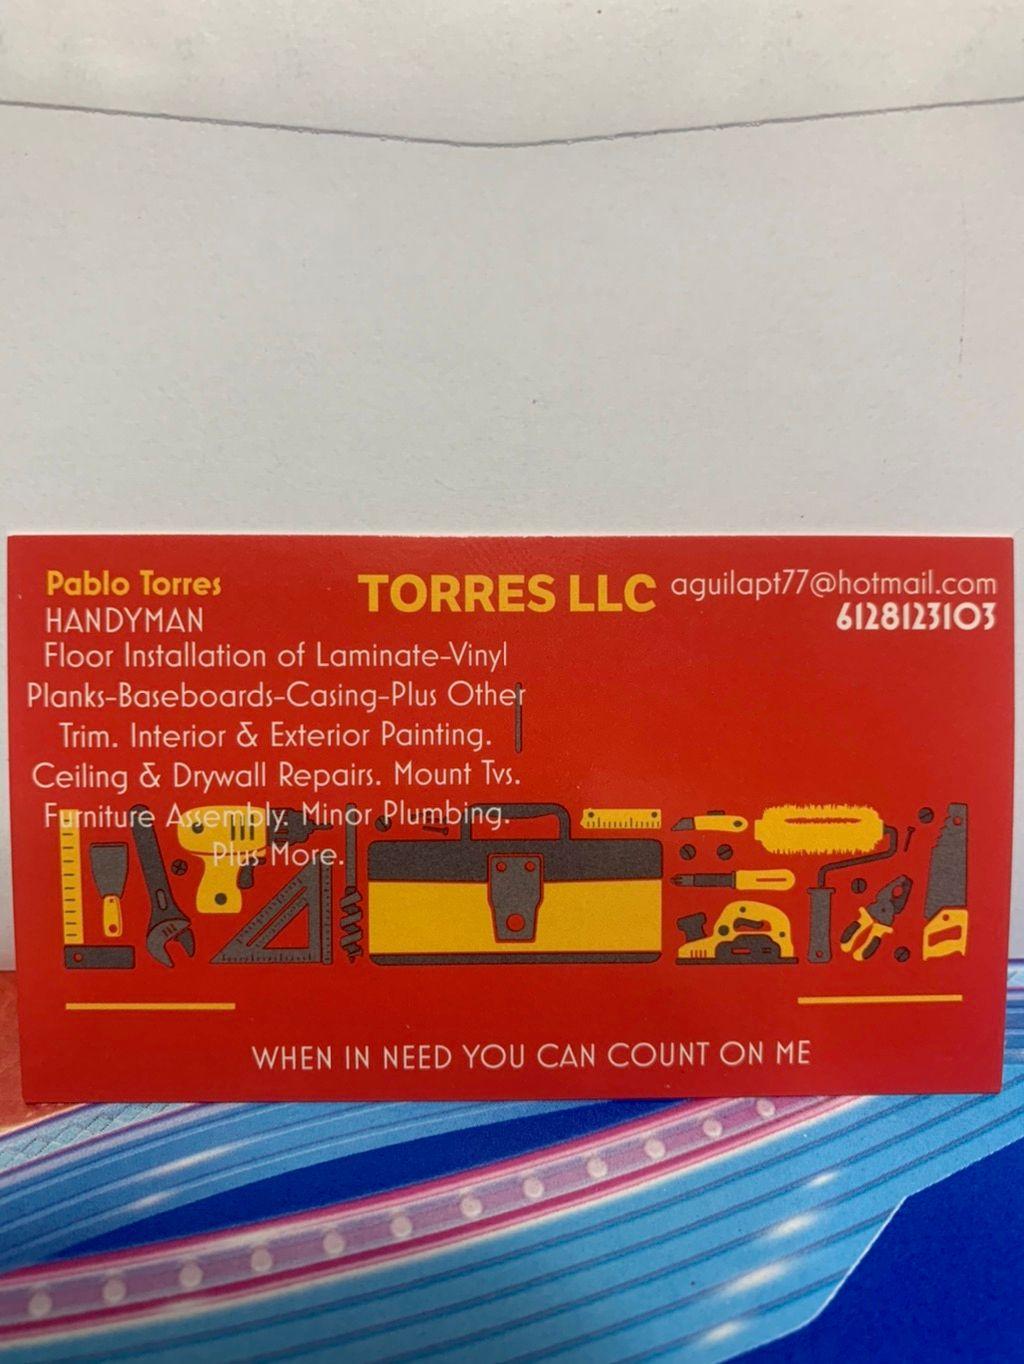 TORRES LLC